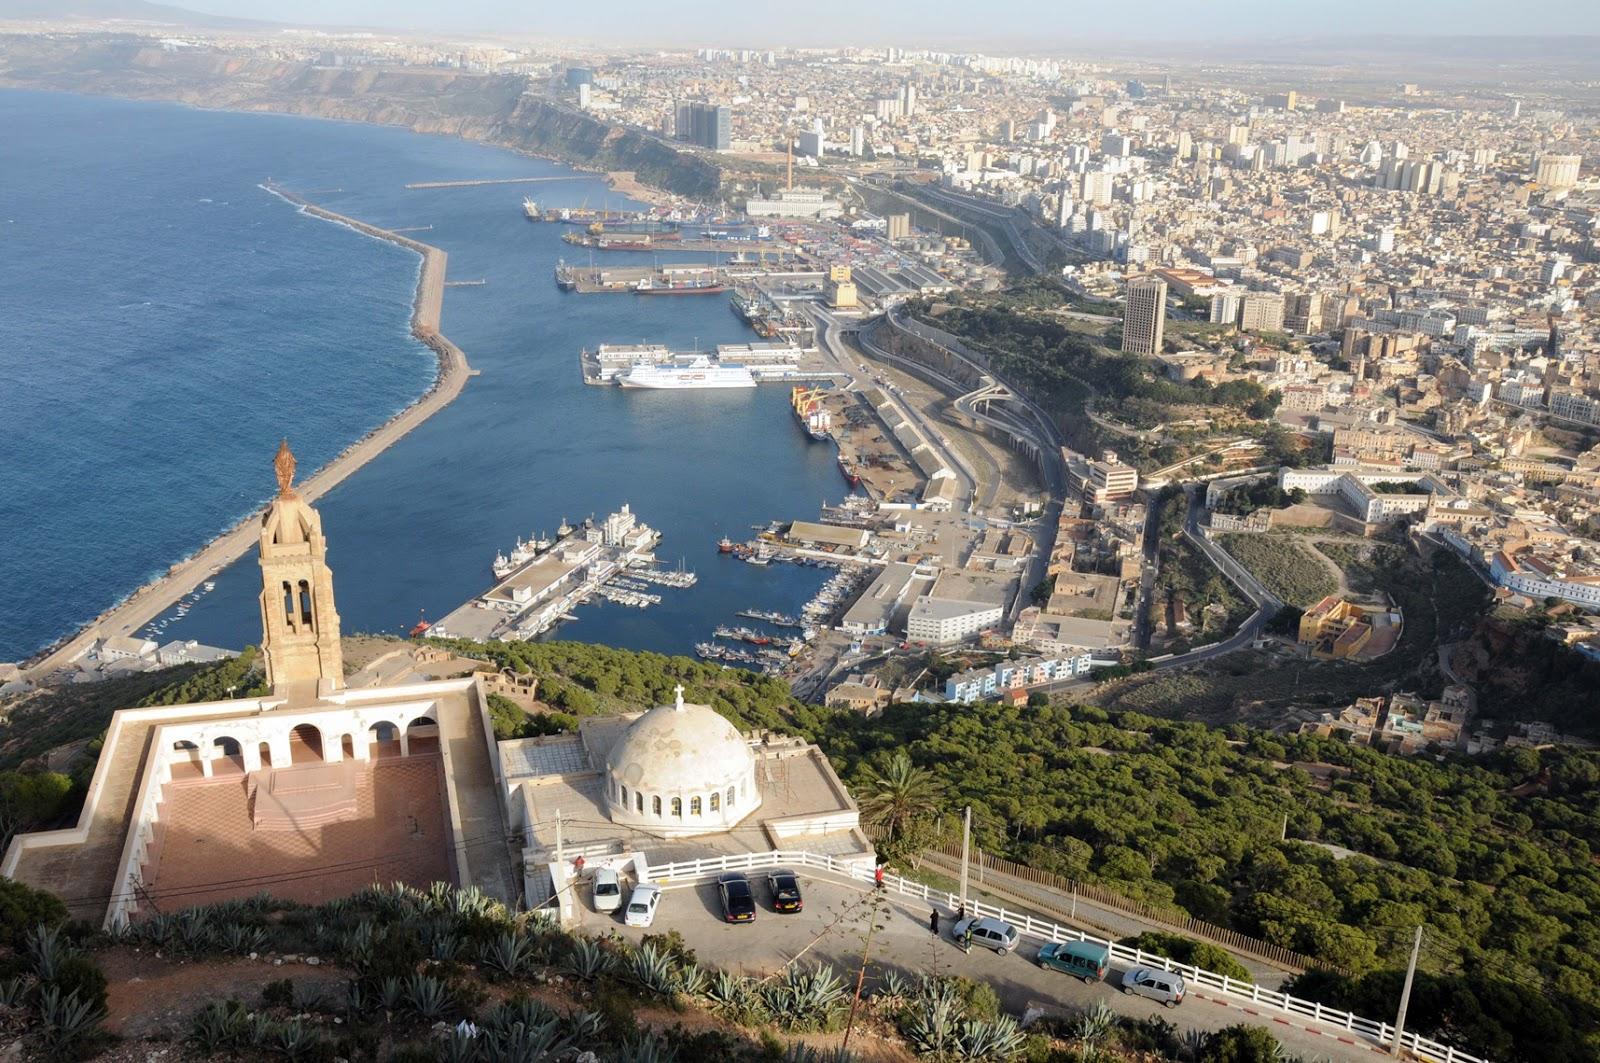 сейчас посмотреть фото г оран в алжире мирное небо будет